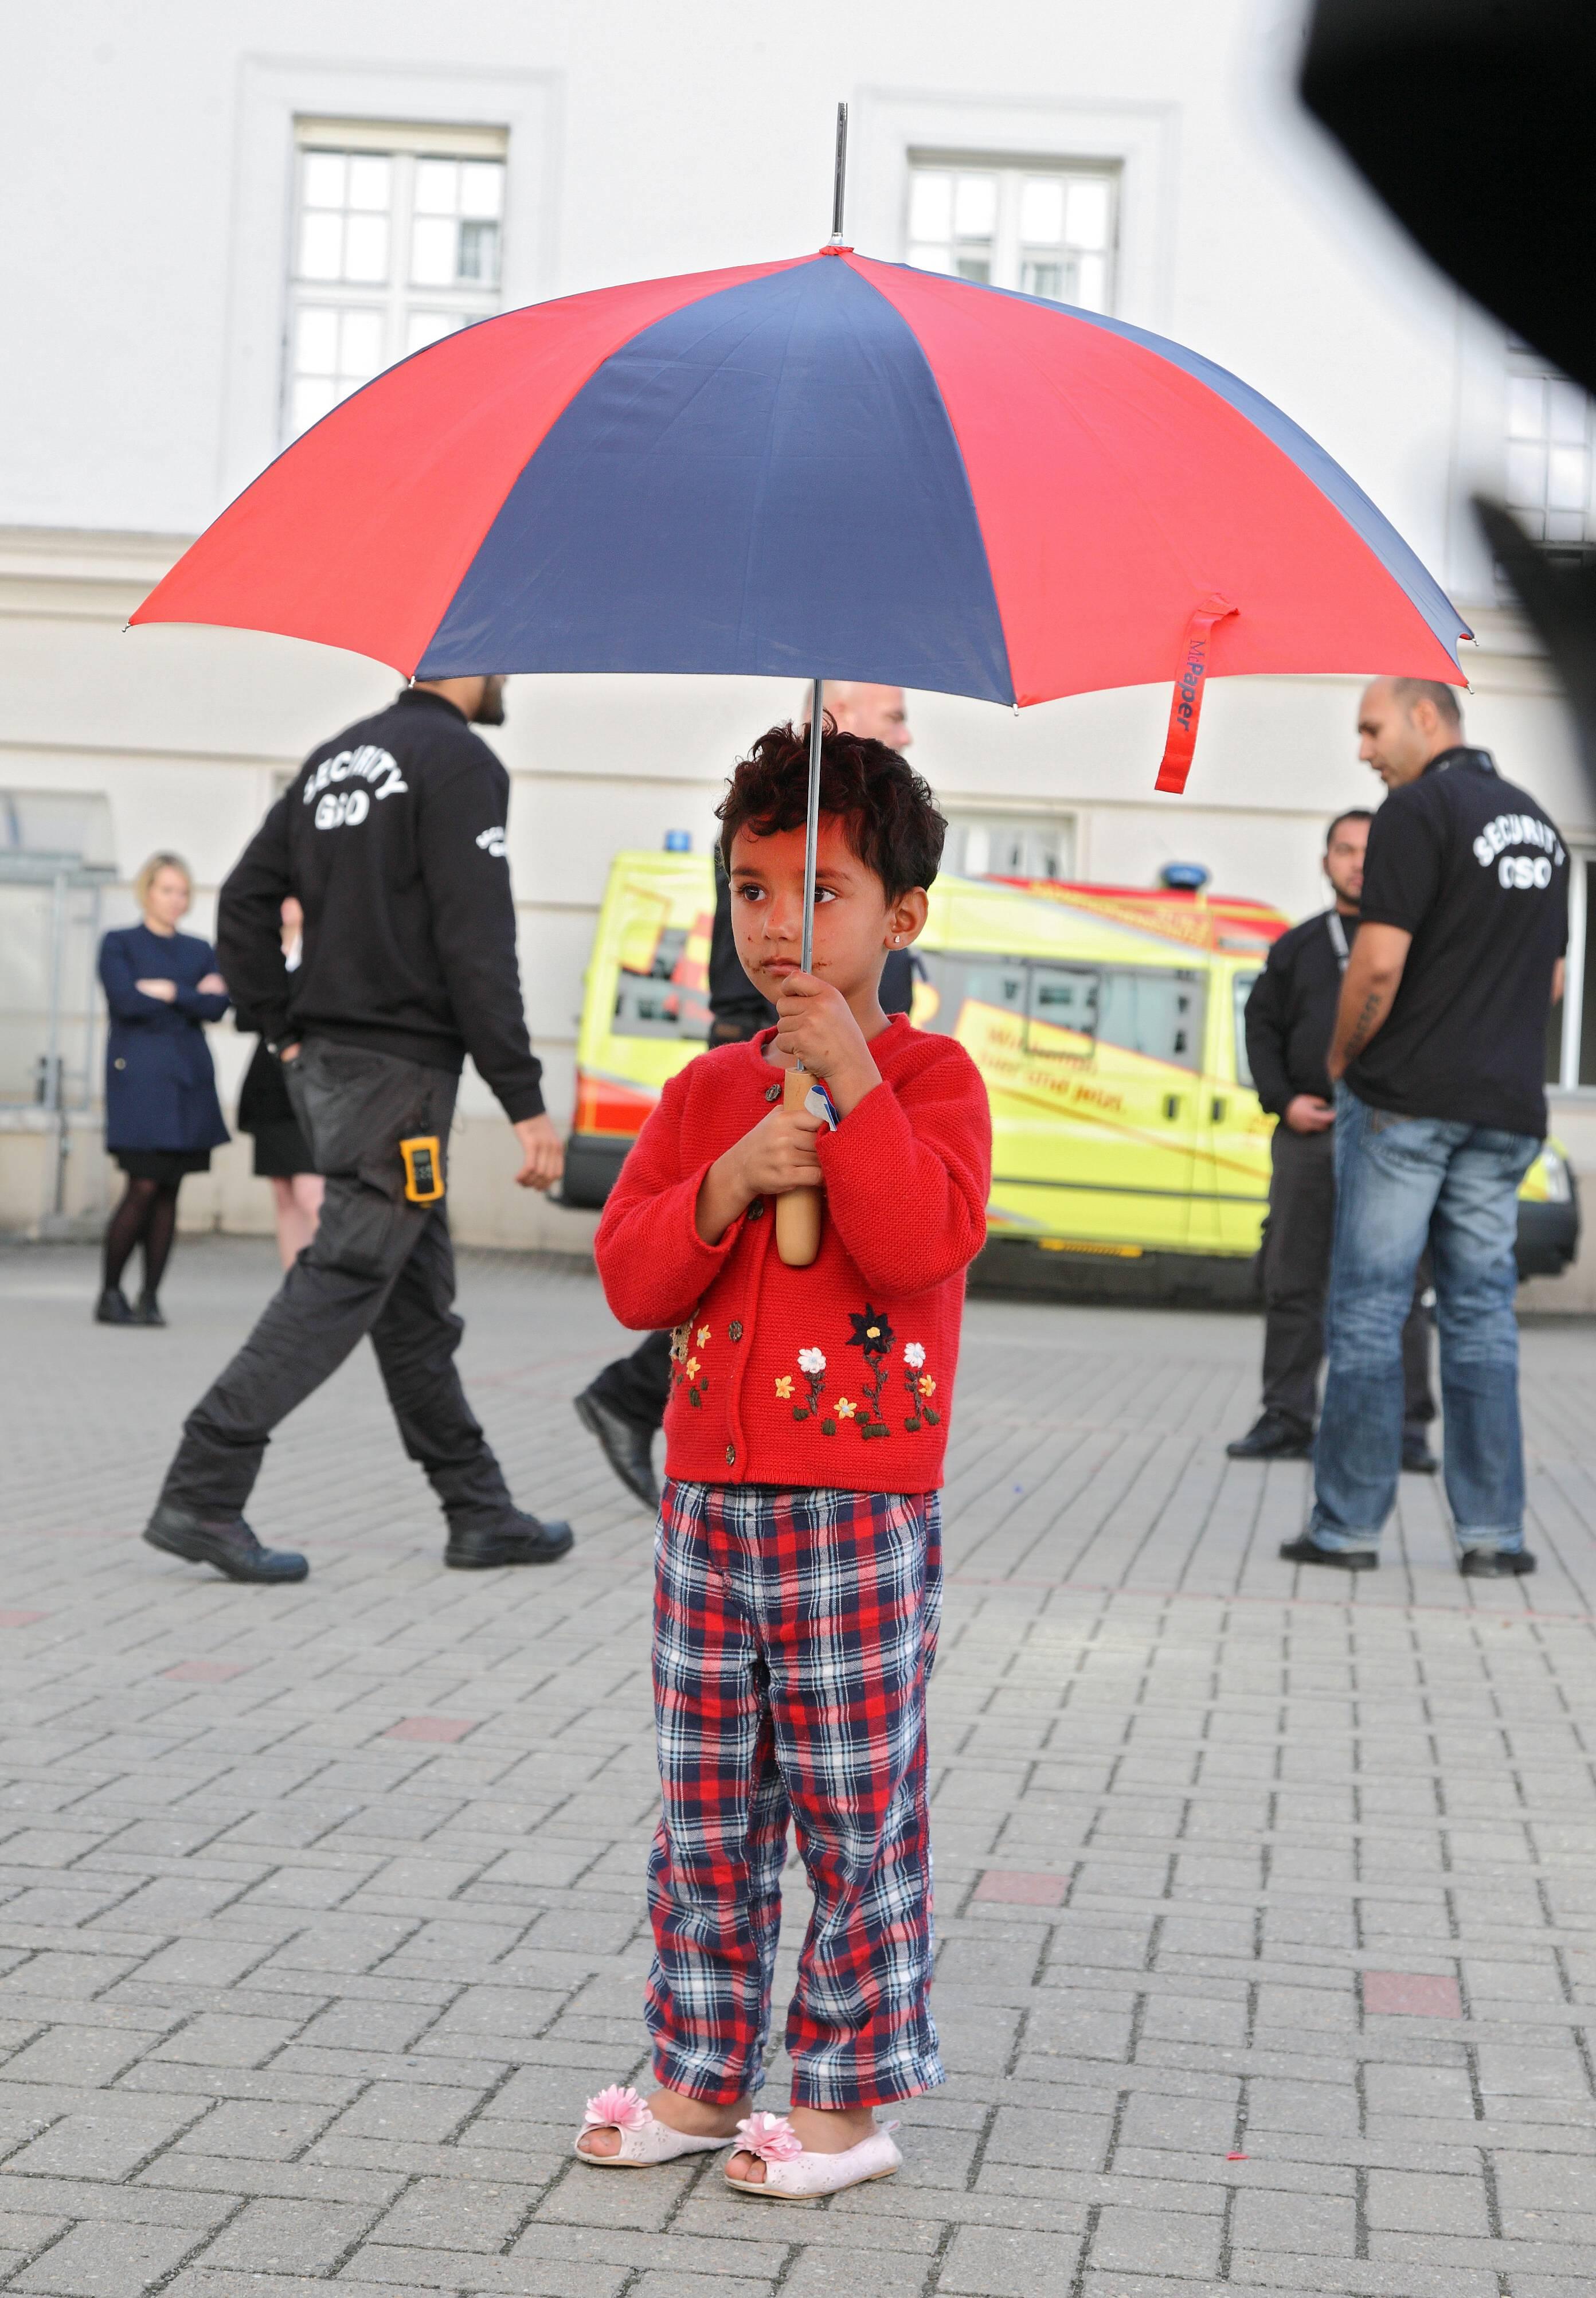 Auf der Suche nach Schutz: Minderjährige Flüchtlinge sind oft auf die Hilfe von Sozialarbeitern und anderen Fachkräften angewiesen  Foto: epd-bild / Juergen Blume / Imago